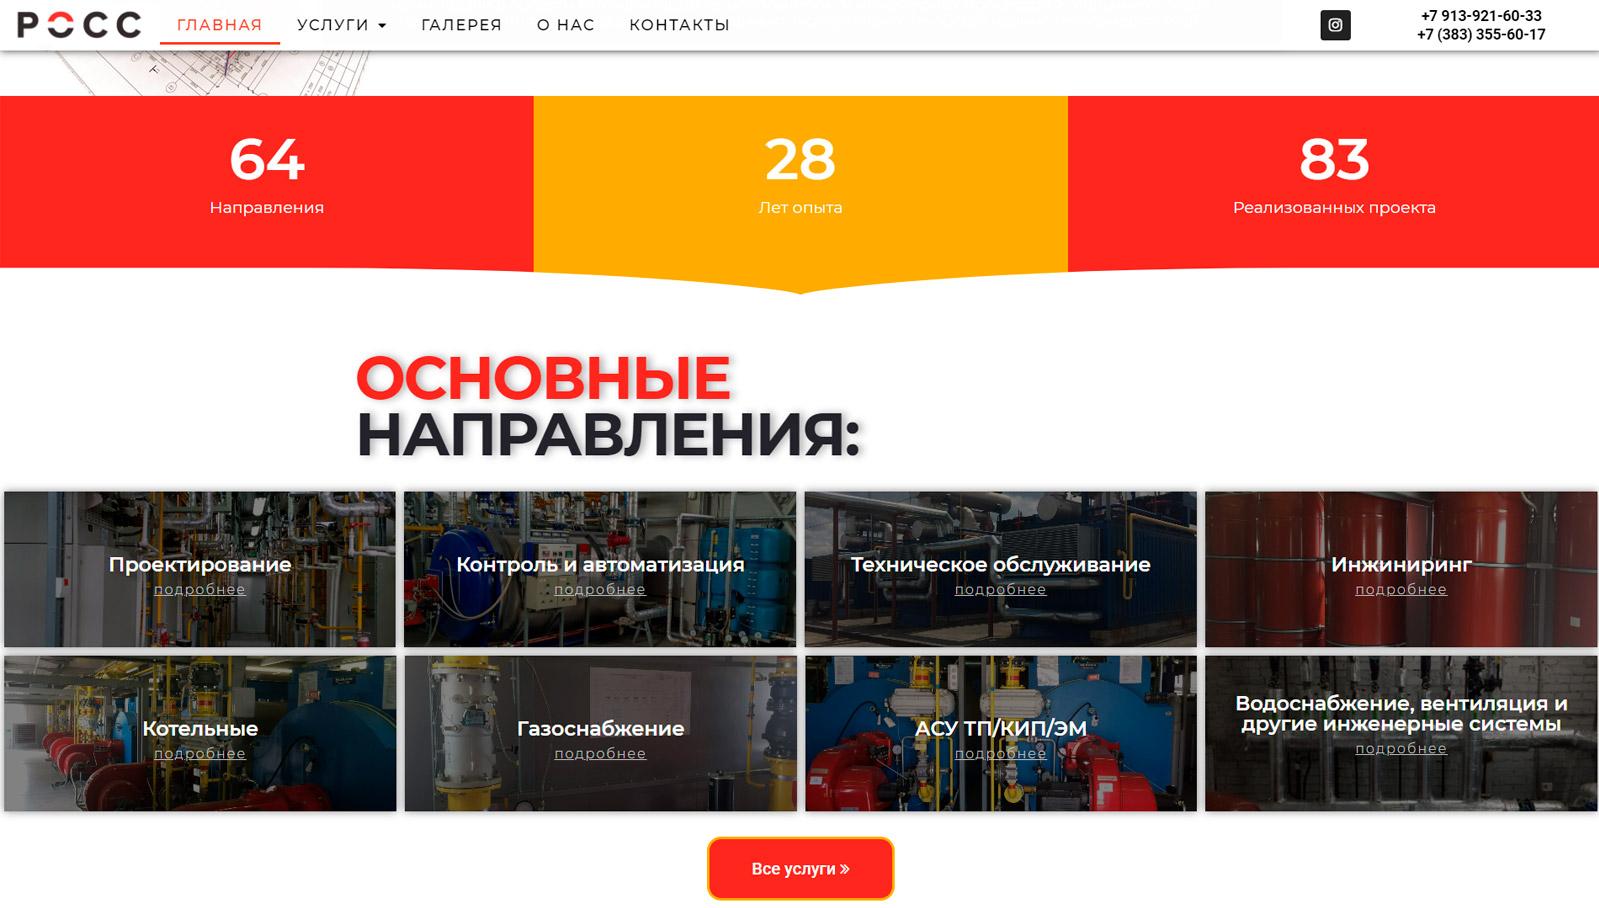 SPS_sajt_ross_avtomatizaciya1